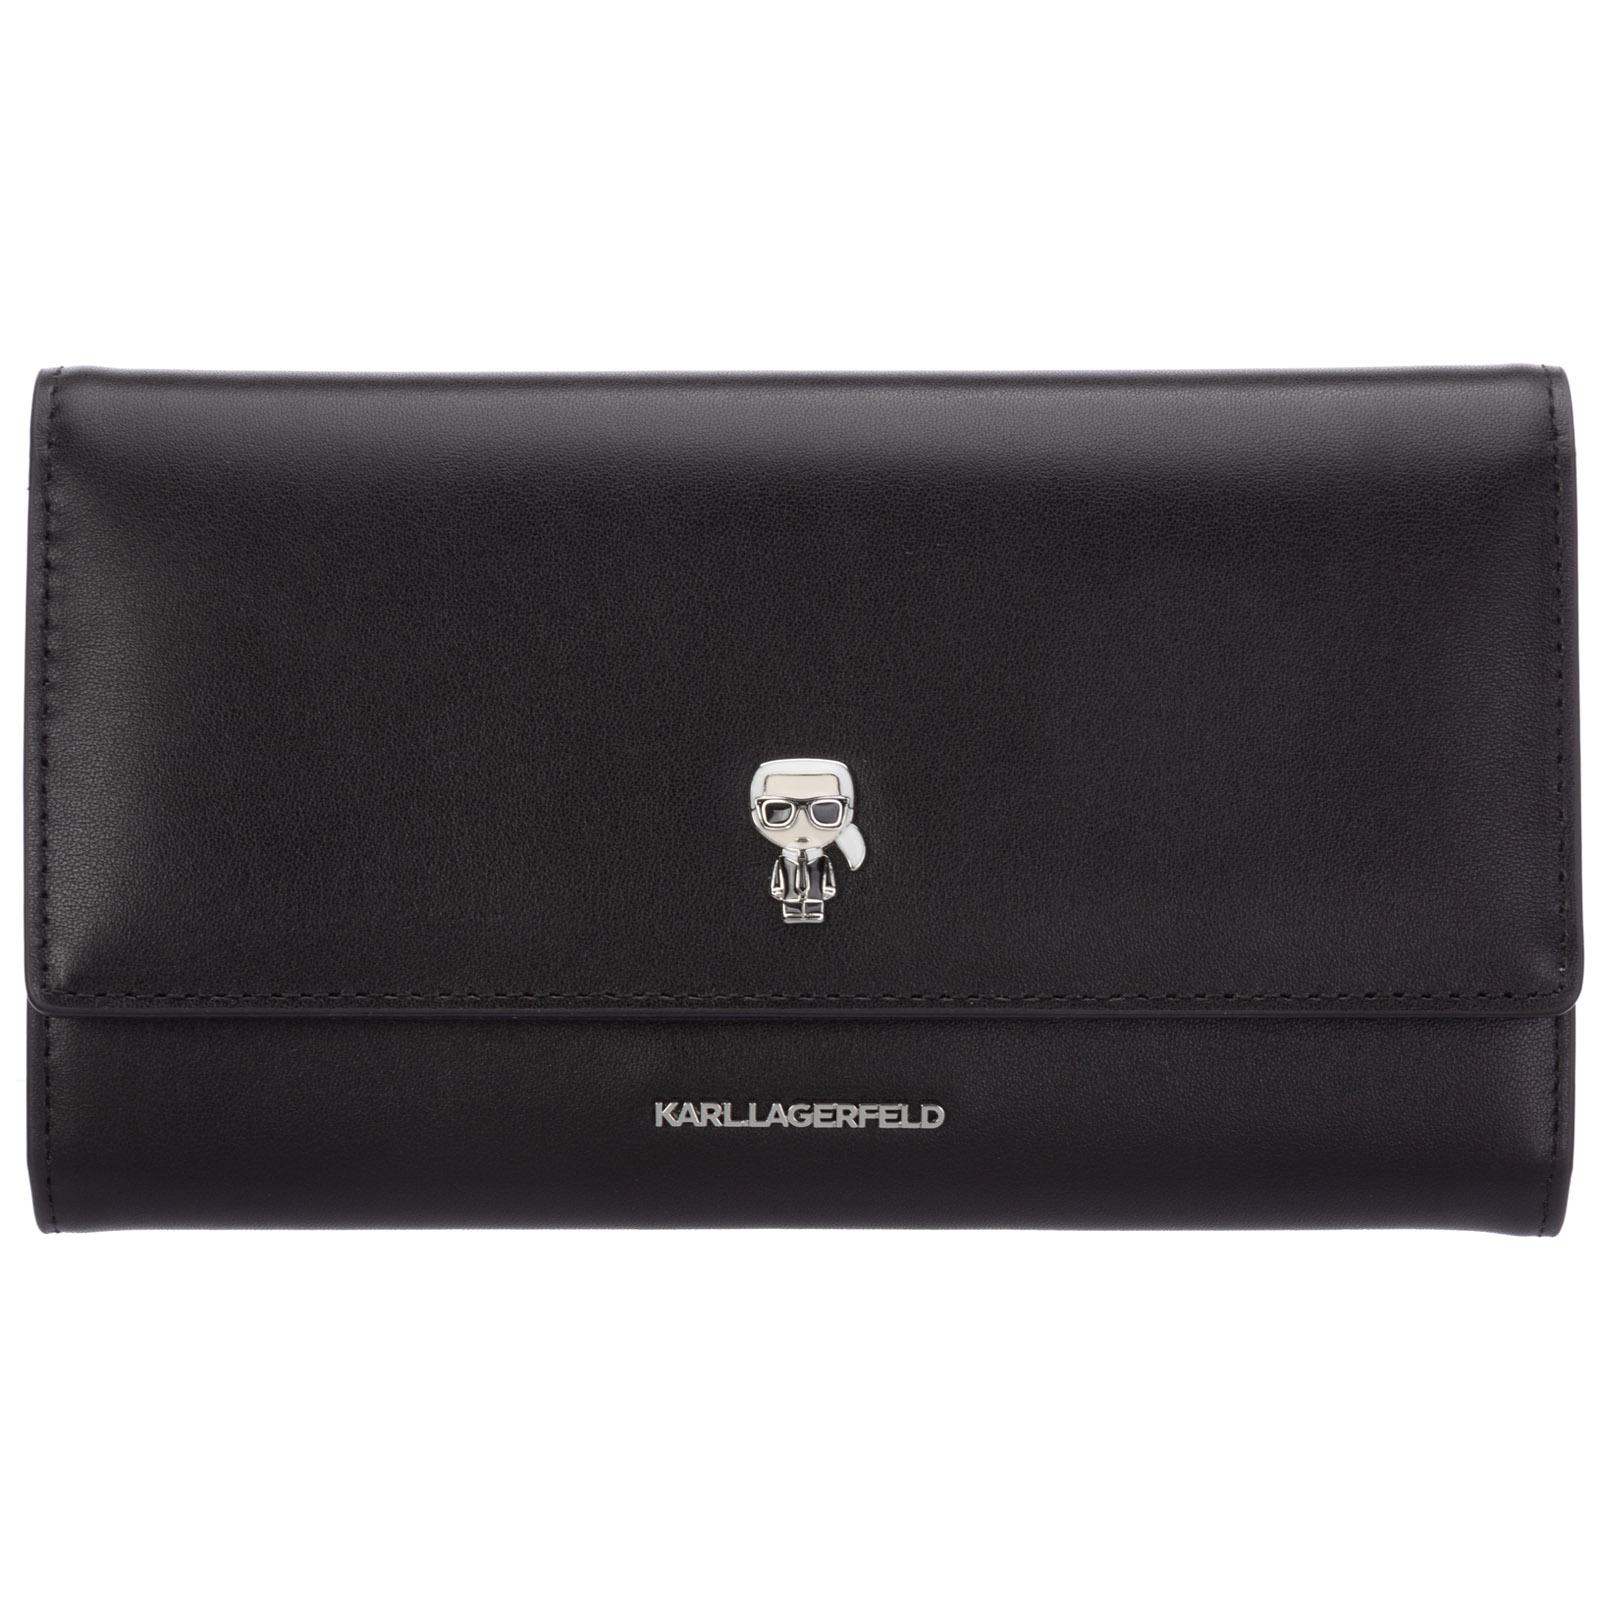 Karl Lagerfeld Wallets WOMEN'S GENUINE LEATHER WALLET CREDIT CARD BIFOLD  K/IKONIK